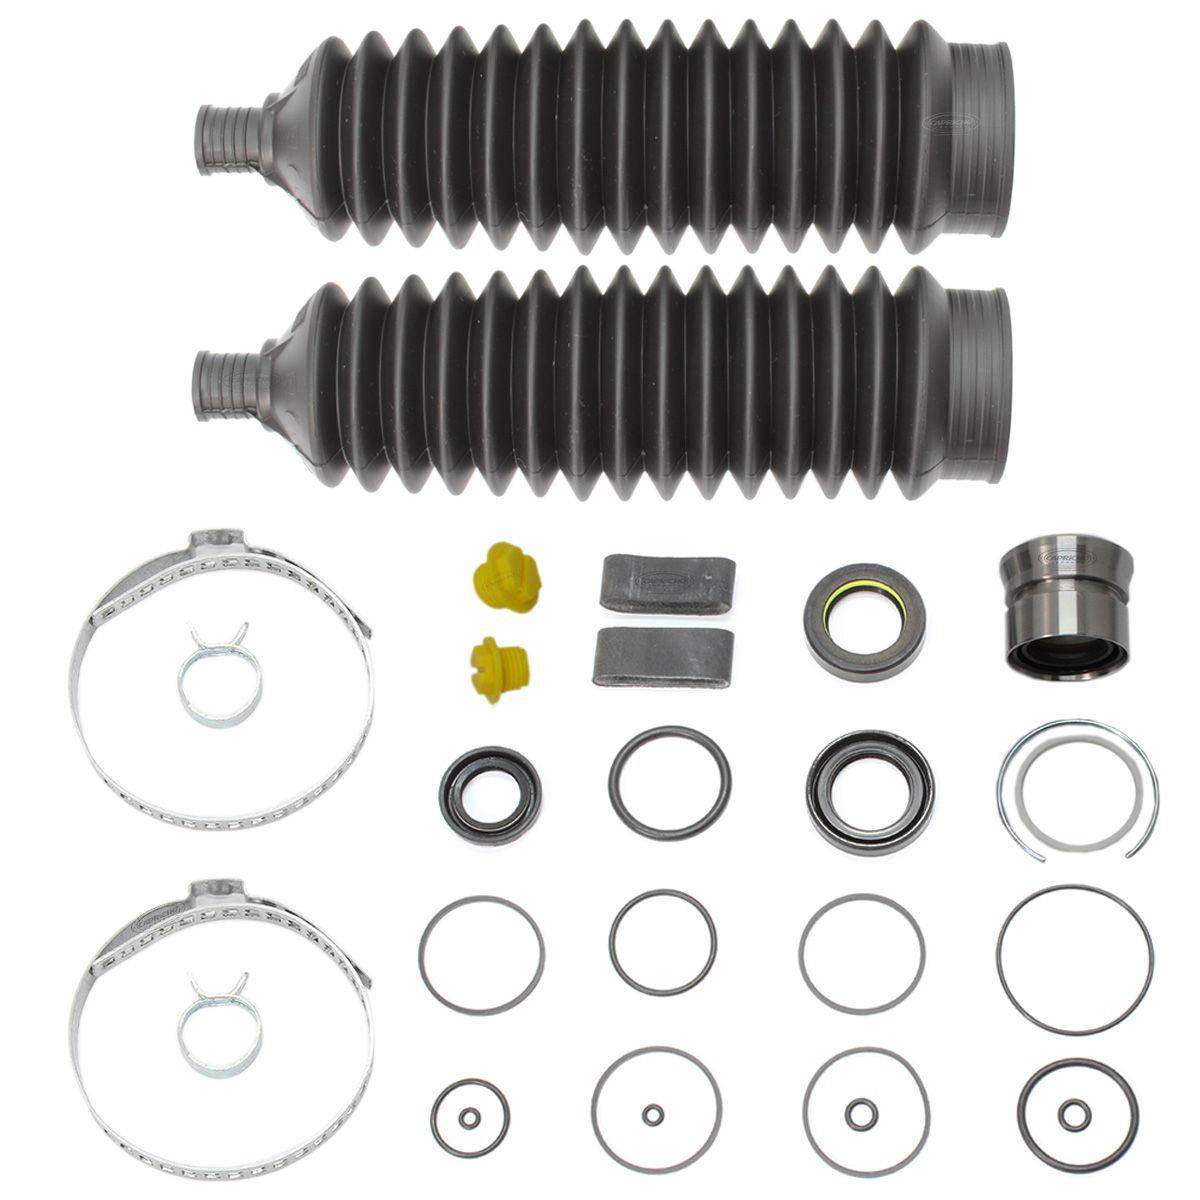 Reparo da Caixa de Direção Hidráulica Com Coifas - Volkswagen Gol G5 / Fox / Polo